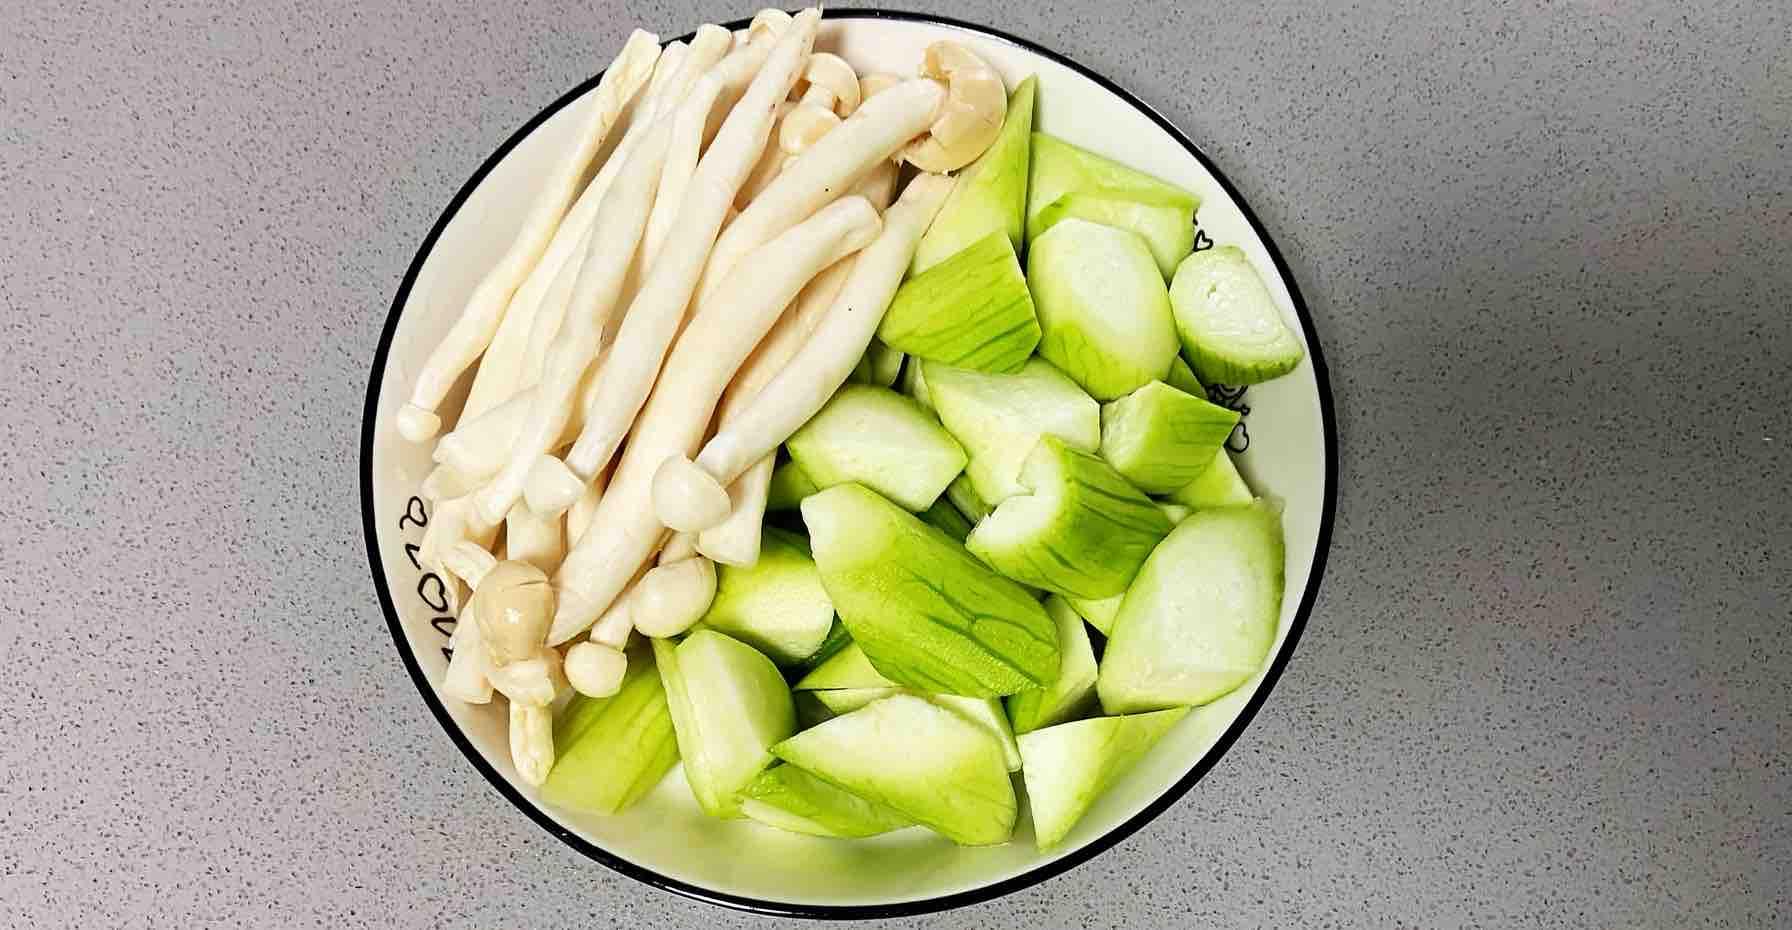 鸡蛋白玉菇焖丝瓜,清淡又鲜香,简单却营养~的做法大全